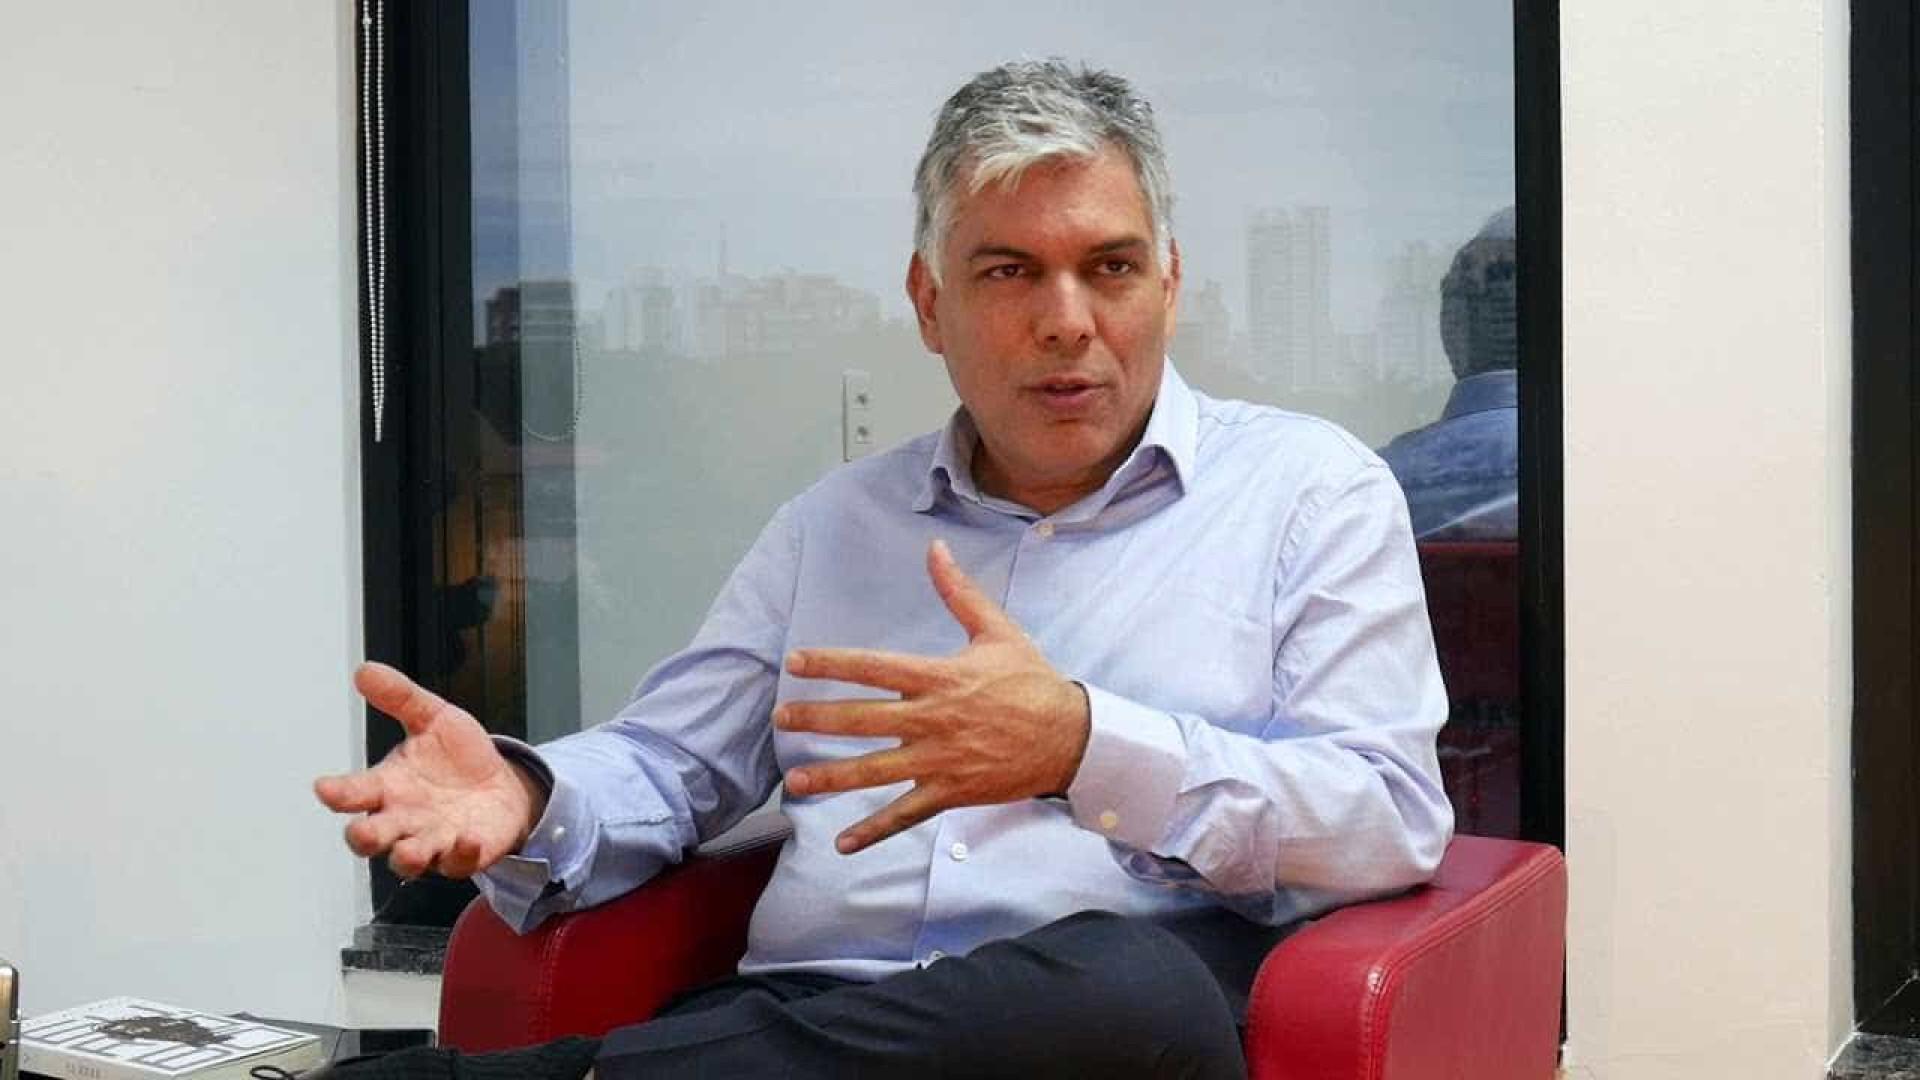 Facada foi decisiva para Bolsonaro, diz marqueteiro do PSDB